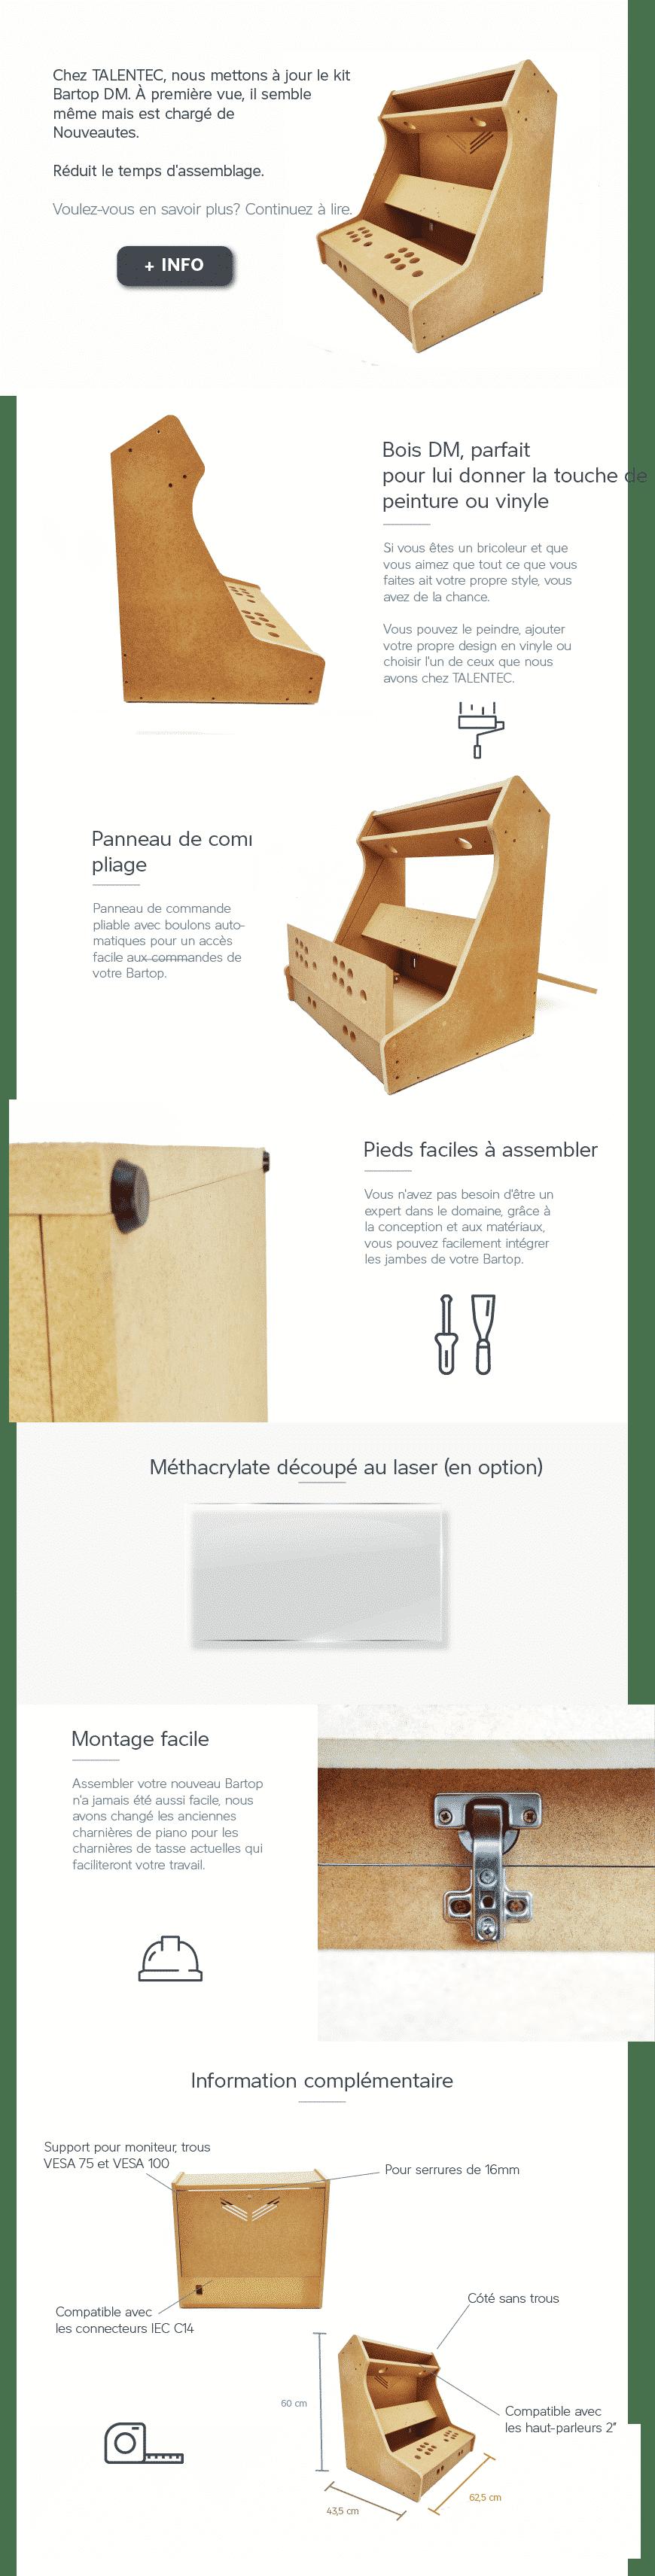 """frances - Configurez votre kit bartop de 24"""" - kits-bartop-fr"""